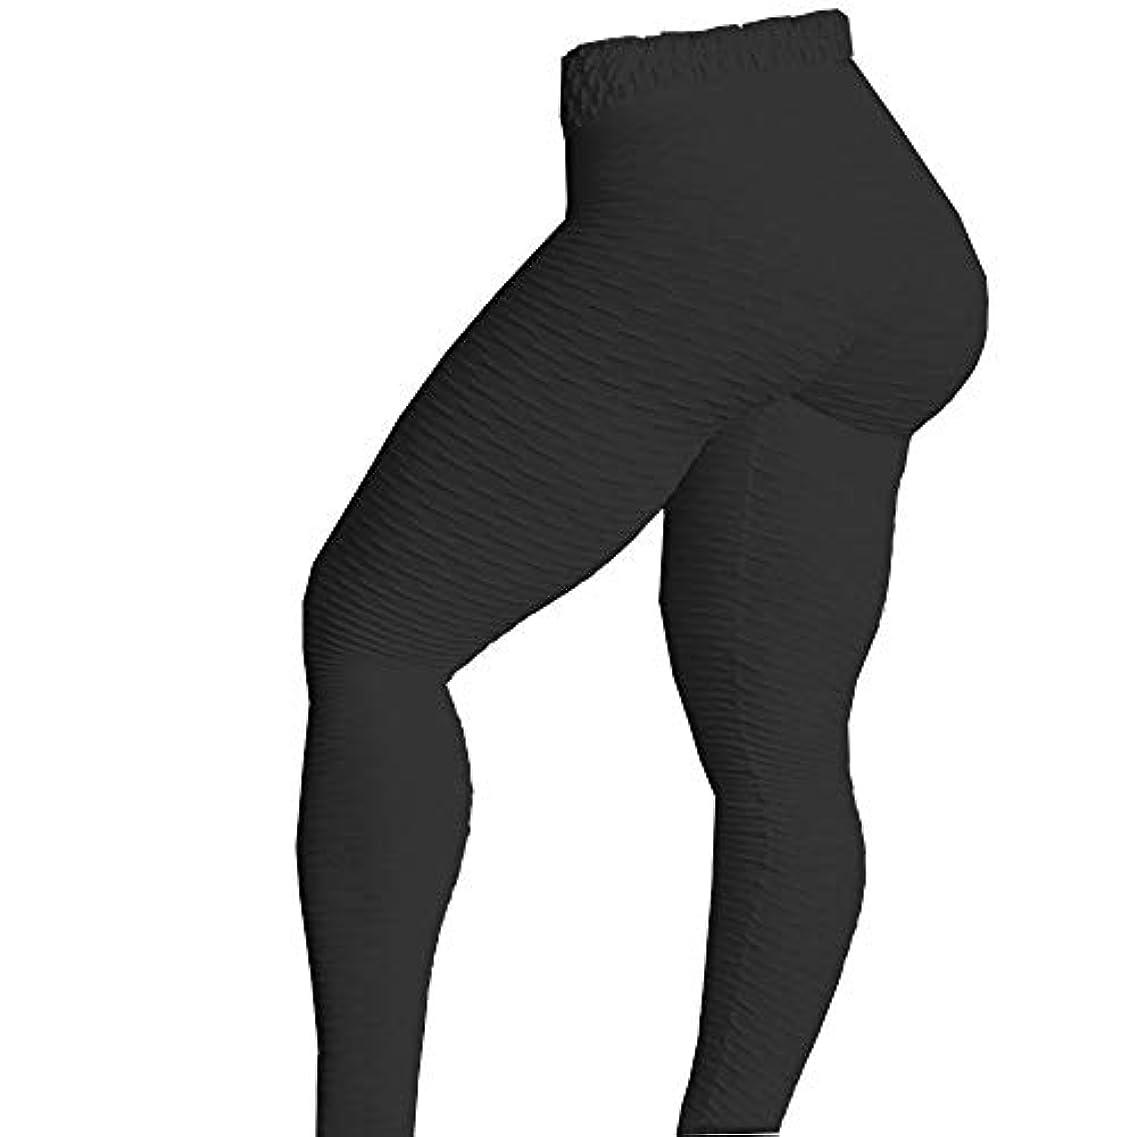 開拓者ハイランド自己MIFAN パンツ女性、ハイウエストパンツ、スキニーパンツ、ヨガレギンス、女性のズボン、ランニングパンツ、スポーツウェア